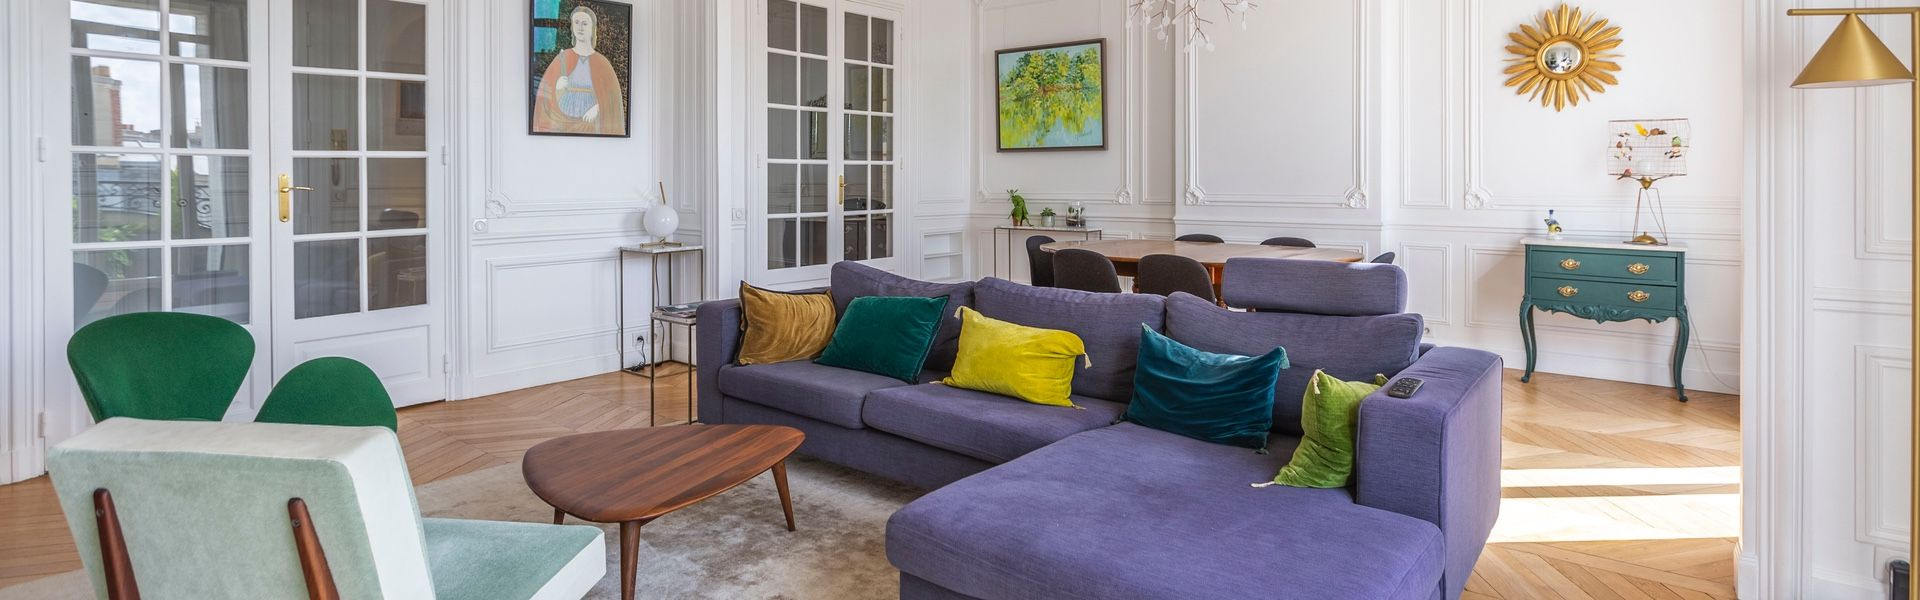 Ds real estate location appartement meubl et vente - Location meublee boulogne billancourt ...